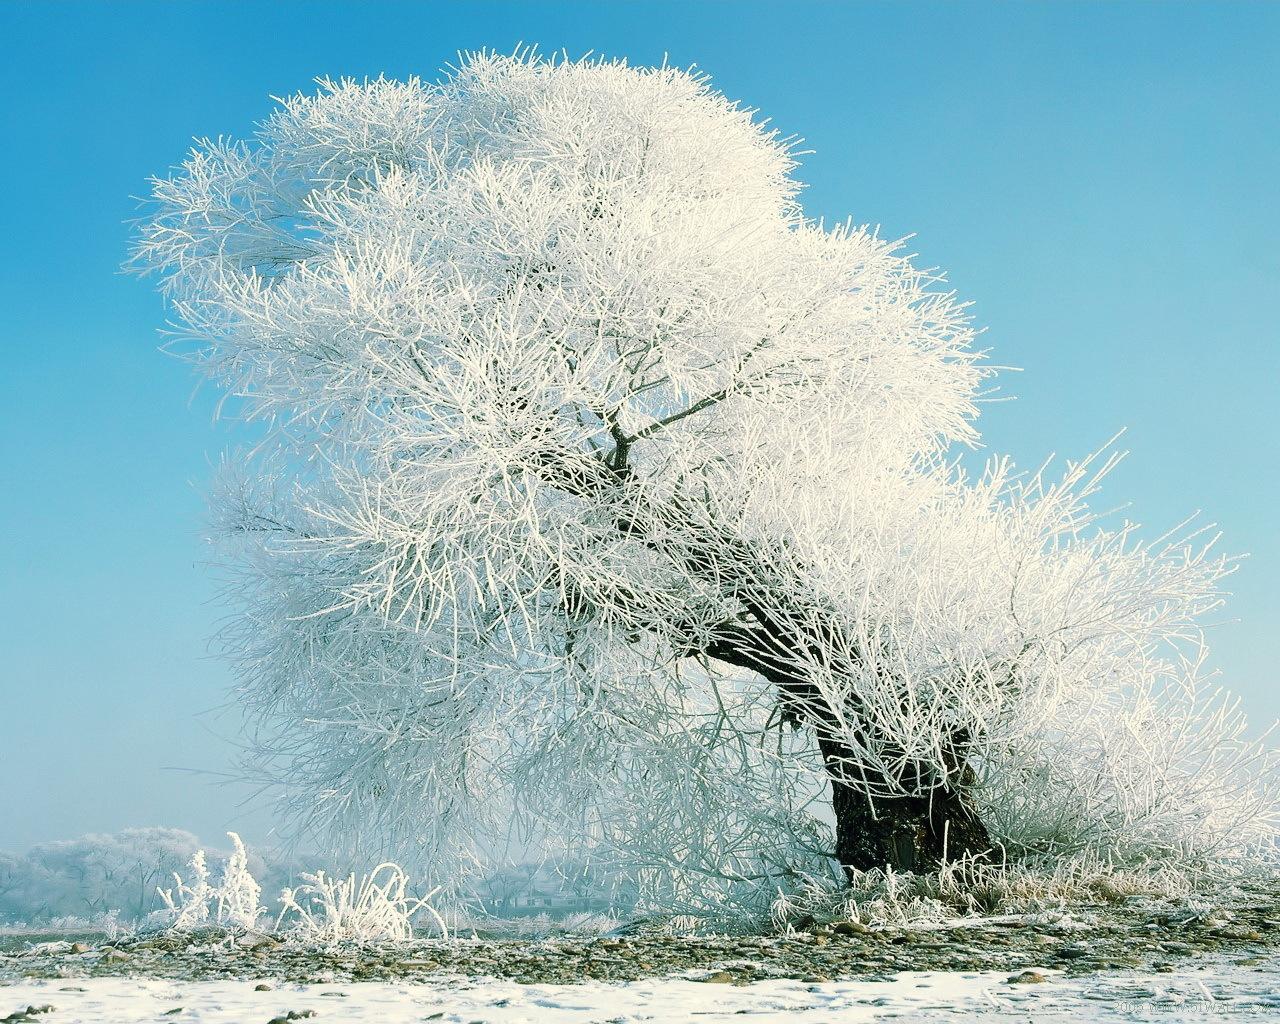 13833 descargar fondo de pantalla Paisaje, Invierno, Árboles, Nieve: protectores de pantalla e imágenes gratis